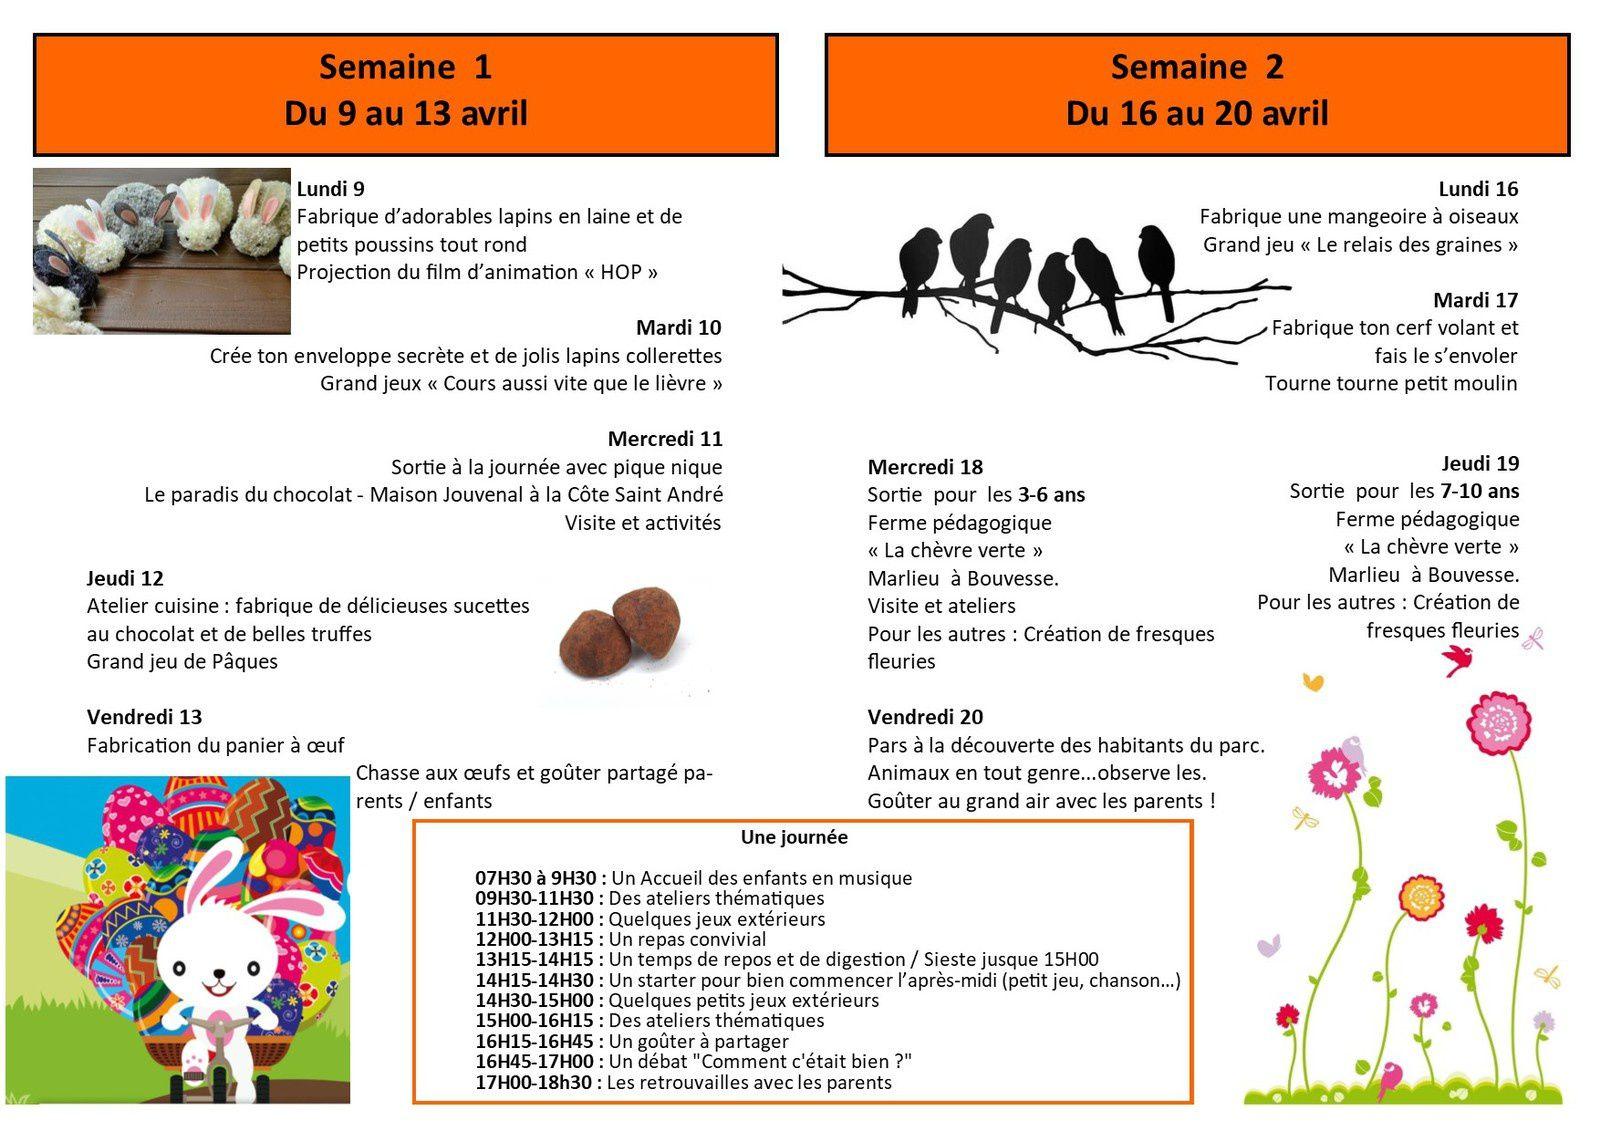 VACANCES DE PRINTEMPS - LES INSCRIPTIONS SONT OUVERTES